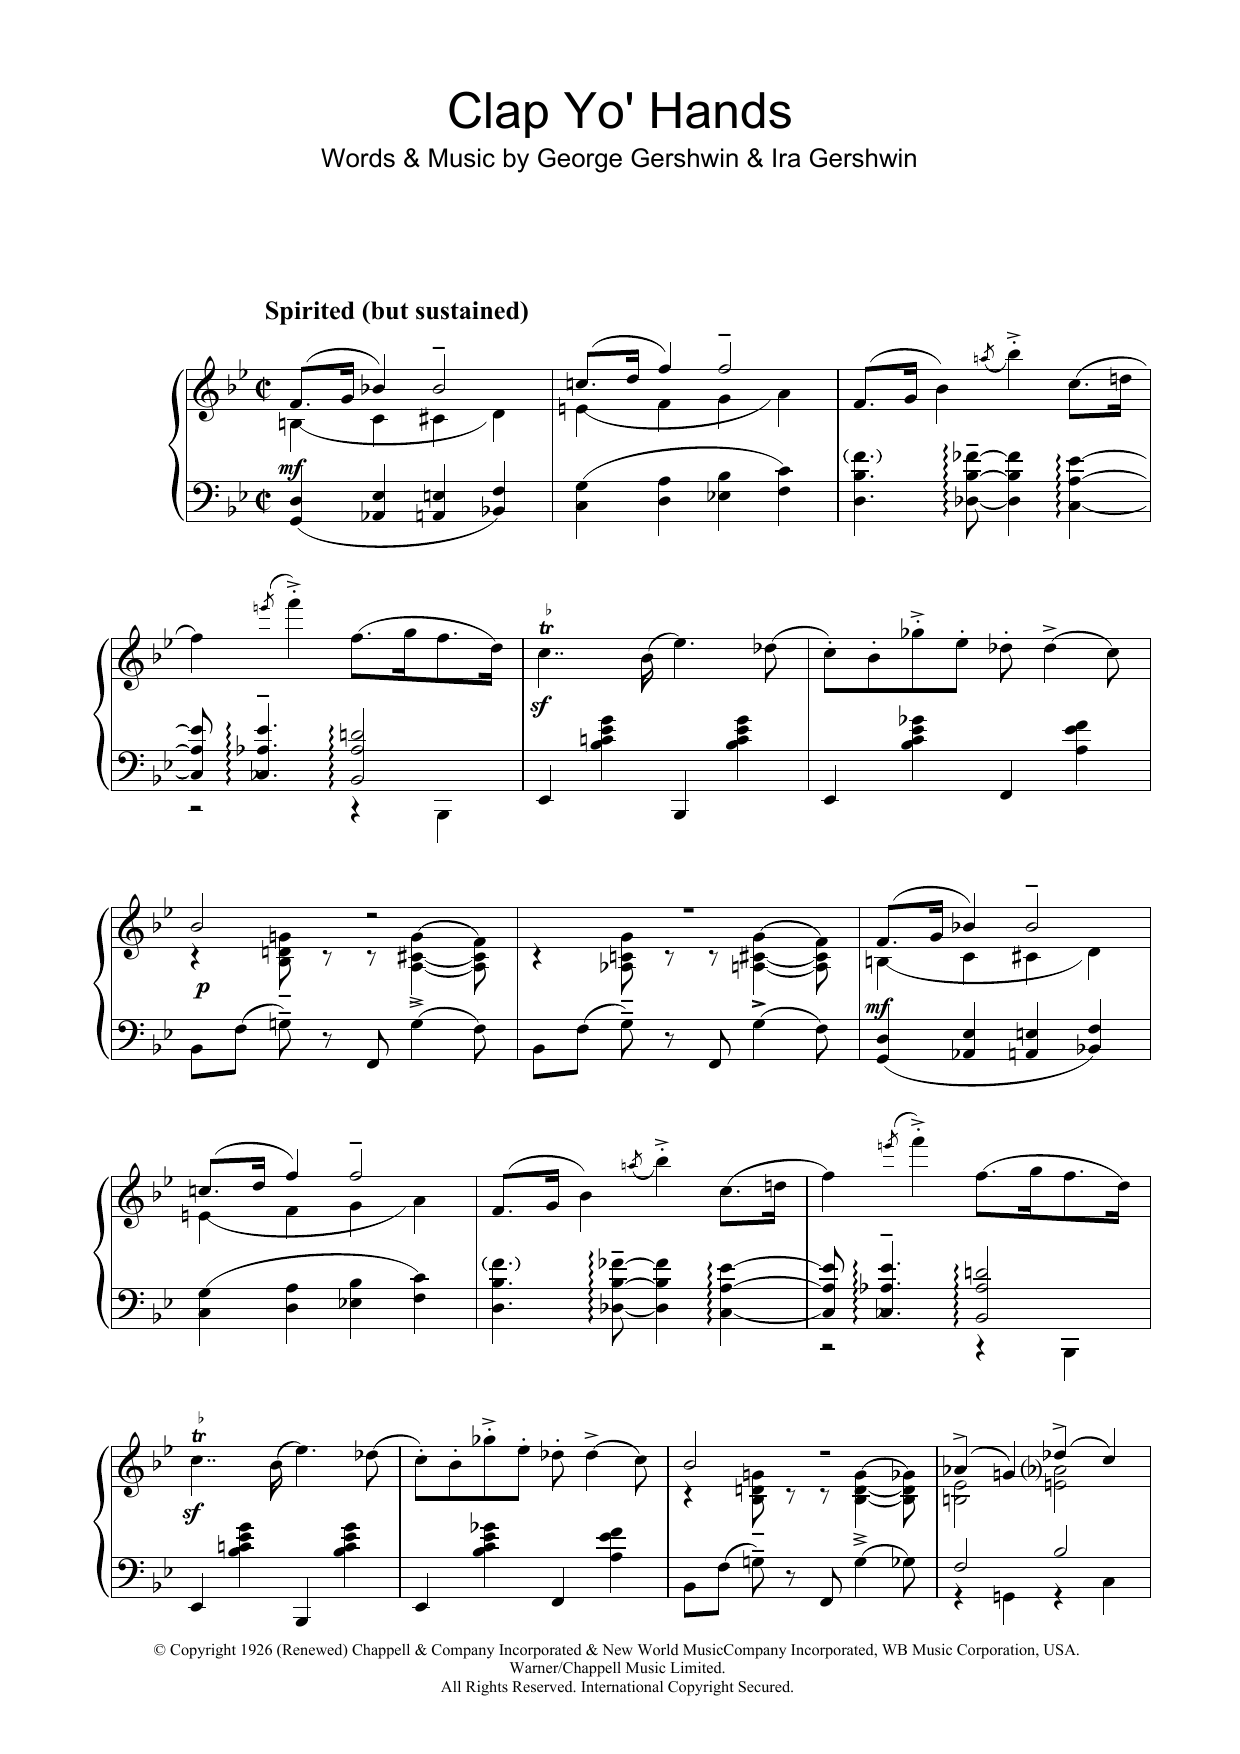 Clap Yo' Hands Sheet Music